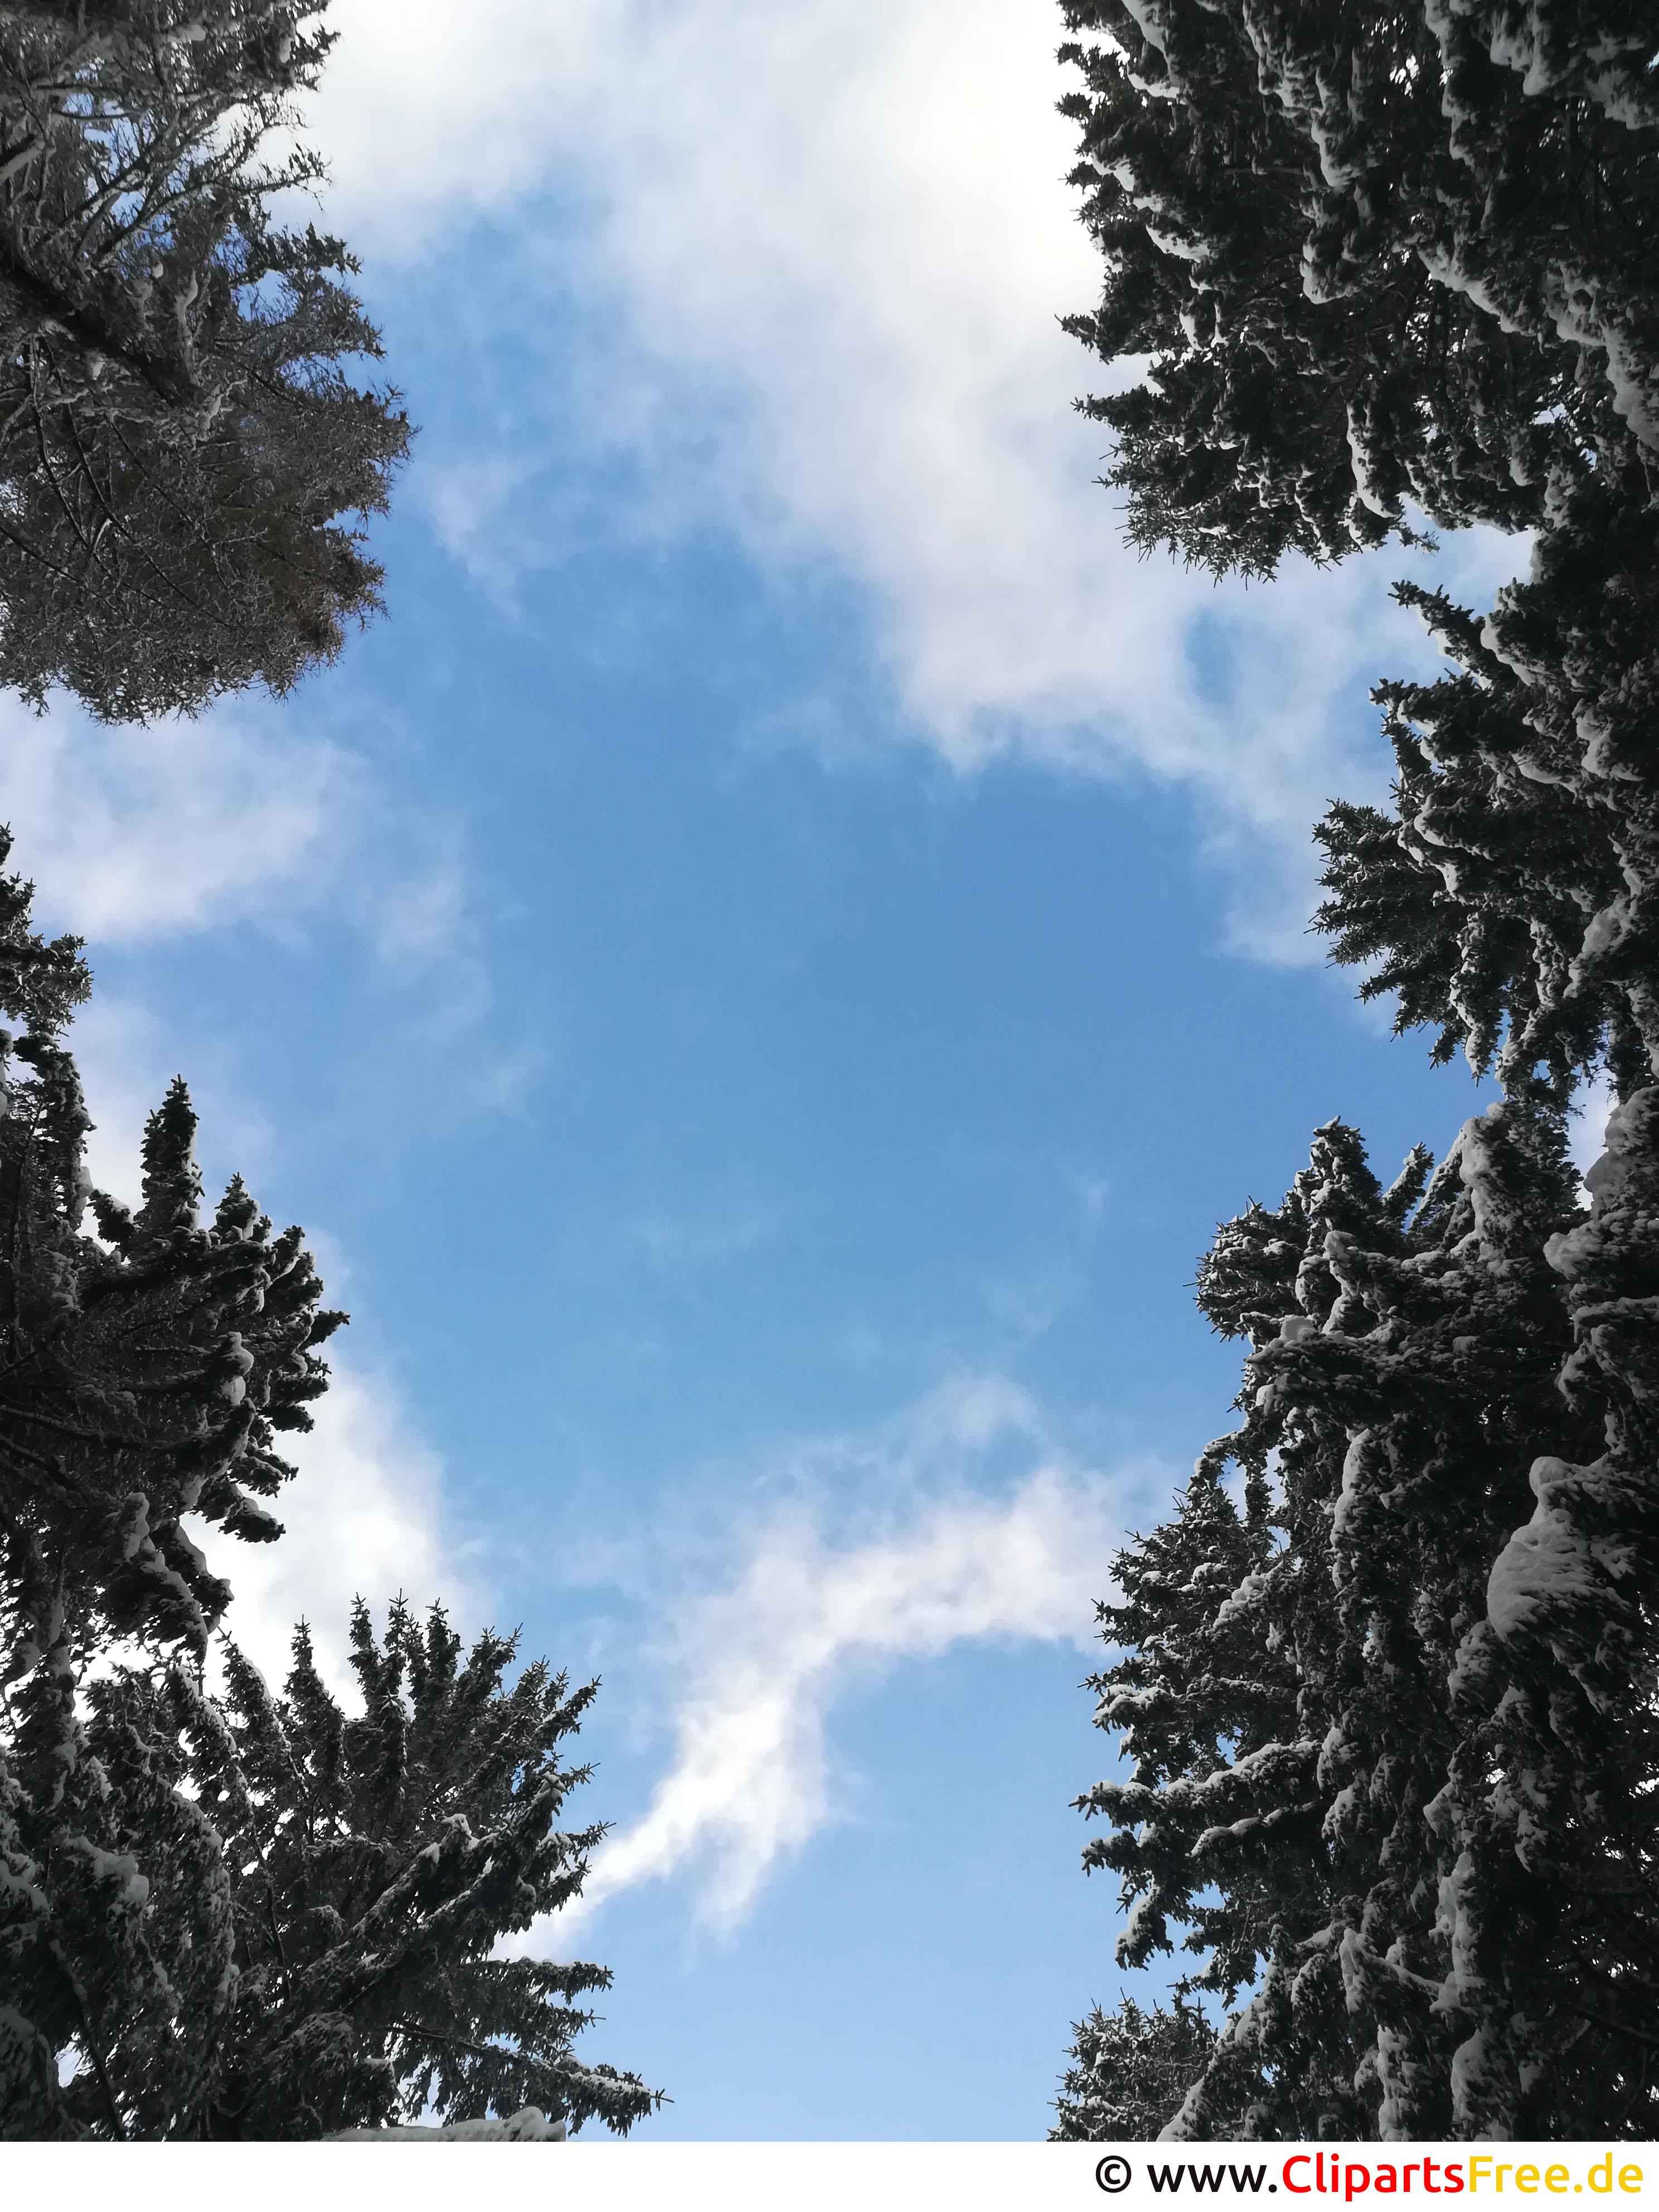 Himmel zwischen den Bäumen Bild, Foto, Grafik kostenlos